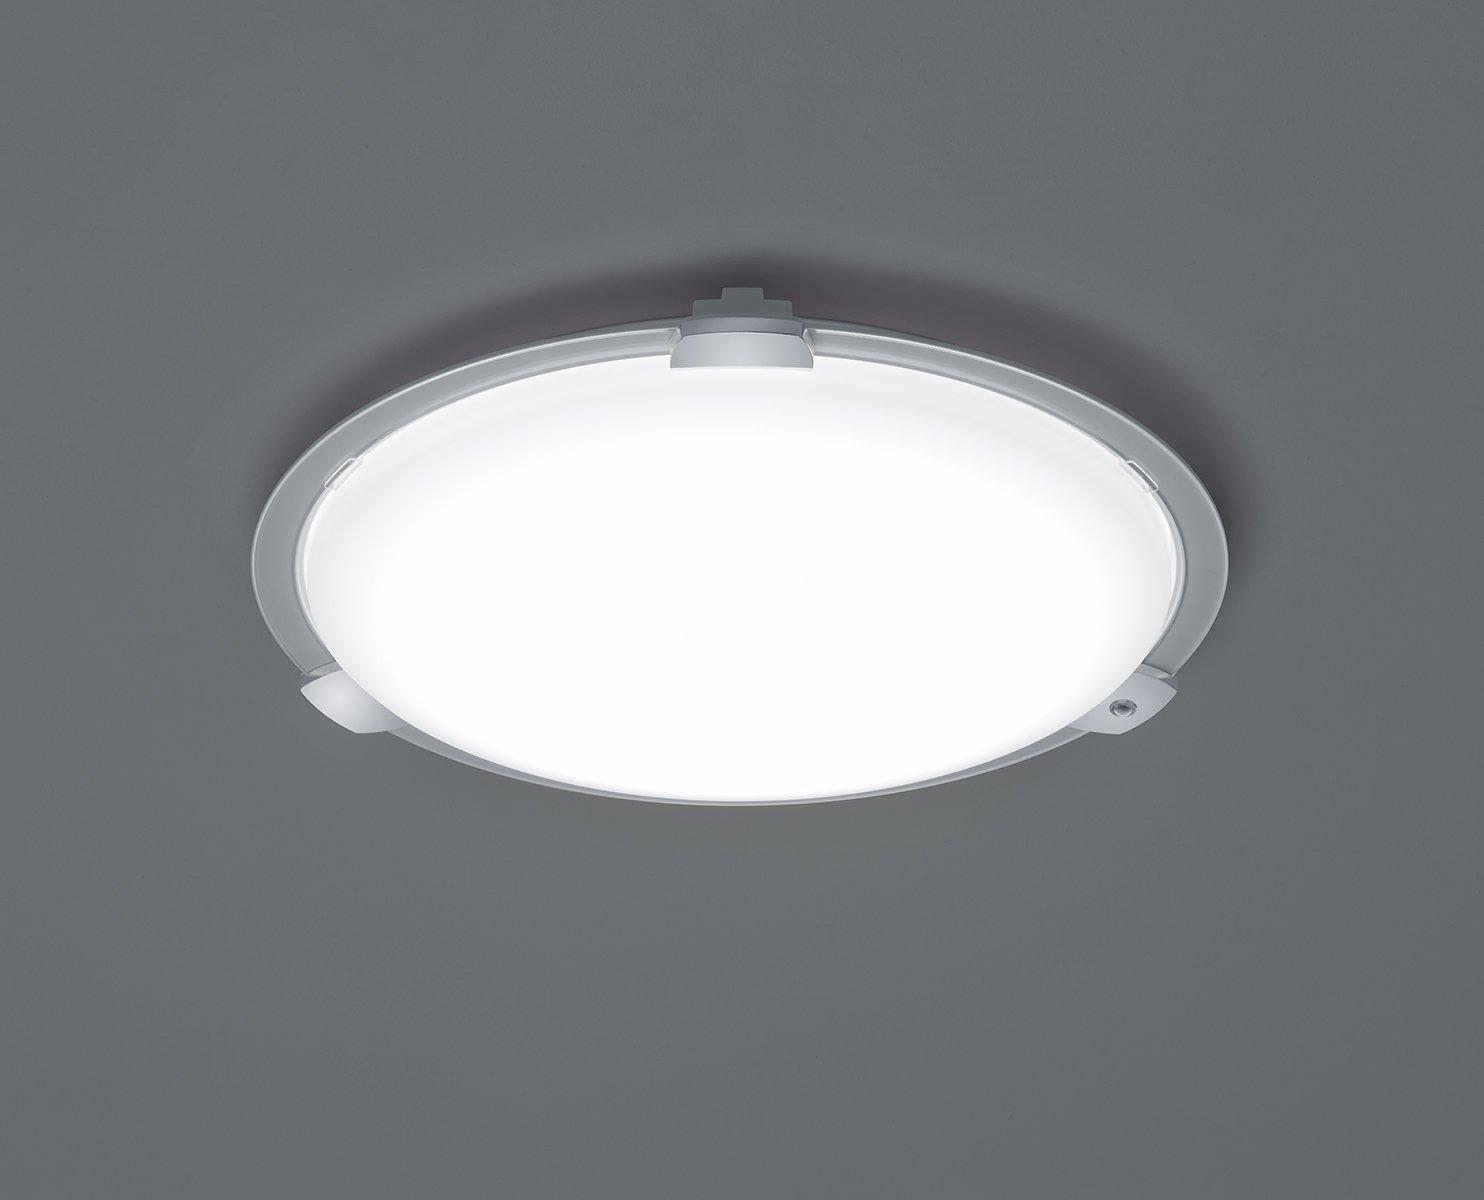 Trio Leuchten LED-Deckenleuchte Yokohama, acryl weiß, 658715801 ...